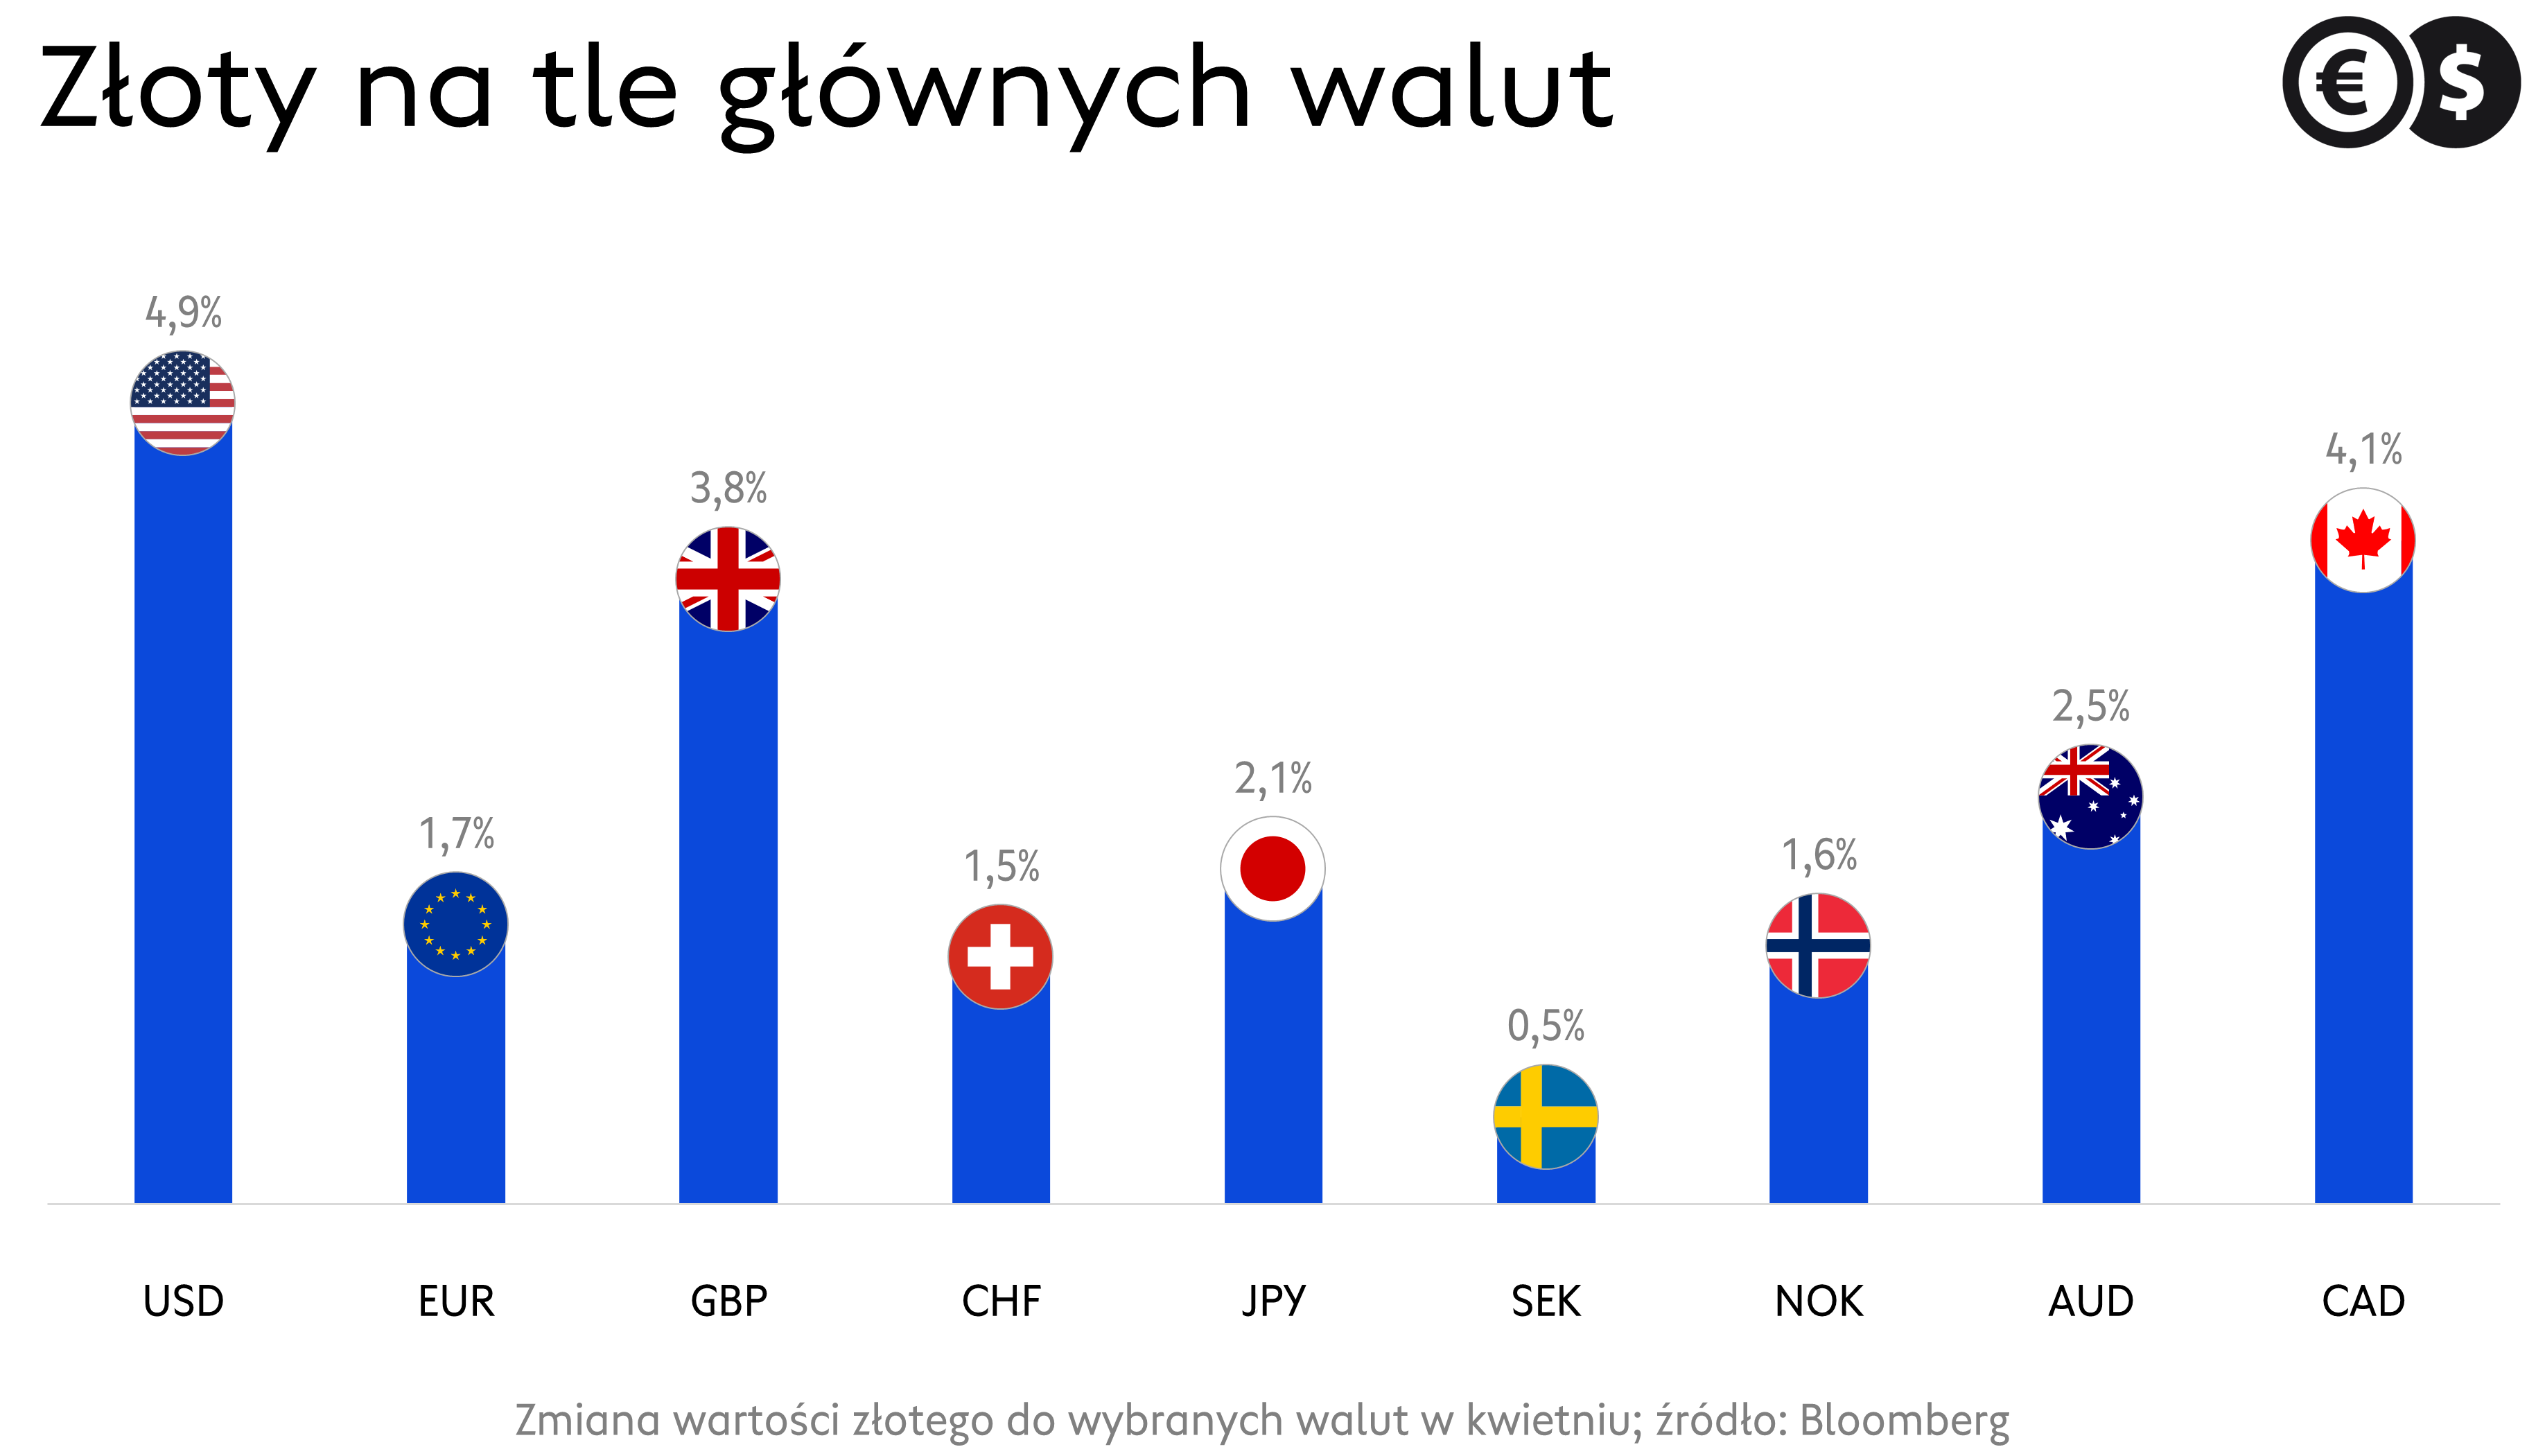 Zmiana wartości głównych walut w kwietniu; źródło: Bloomberg